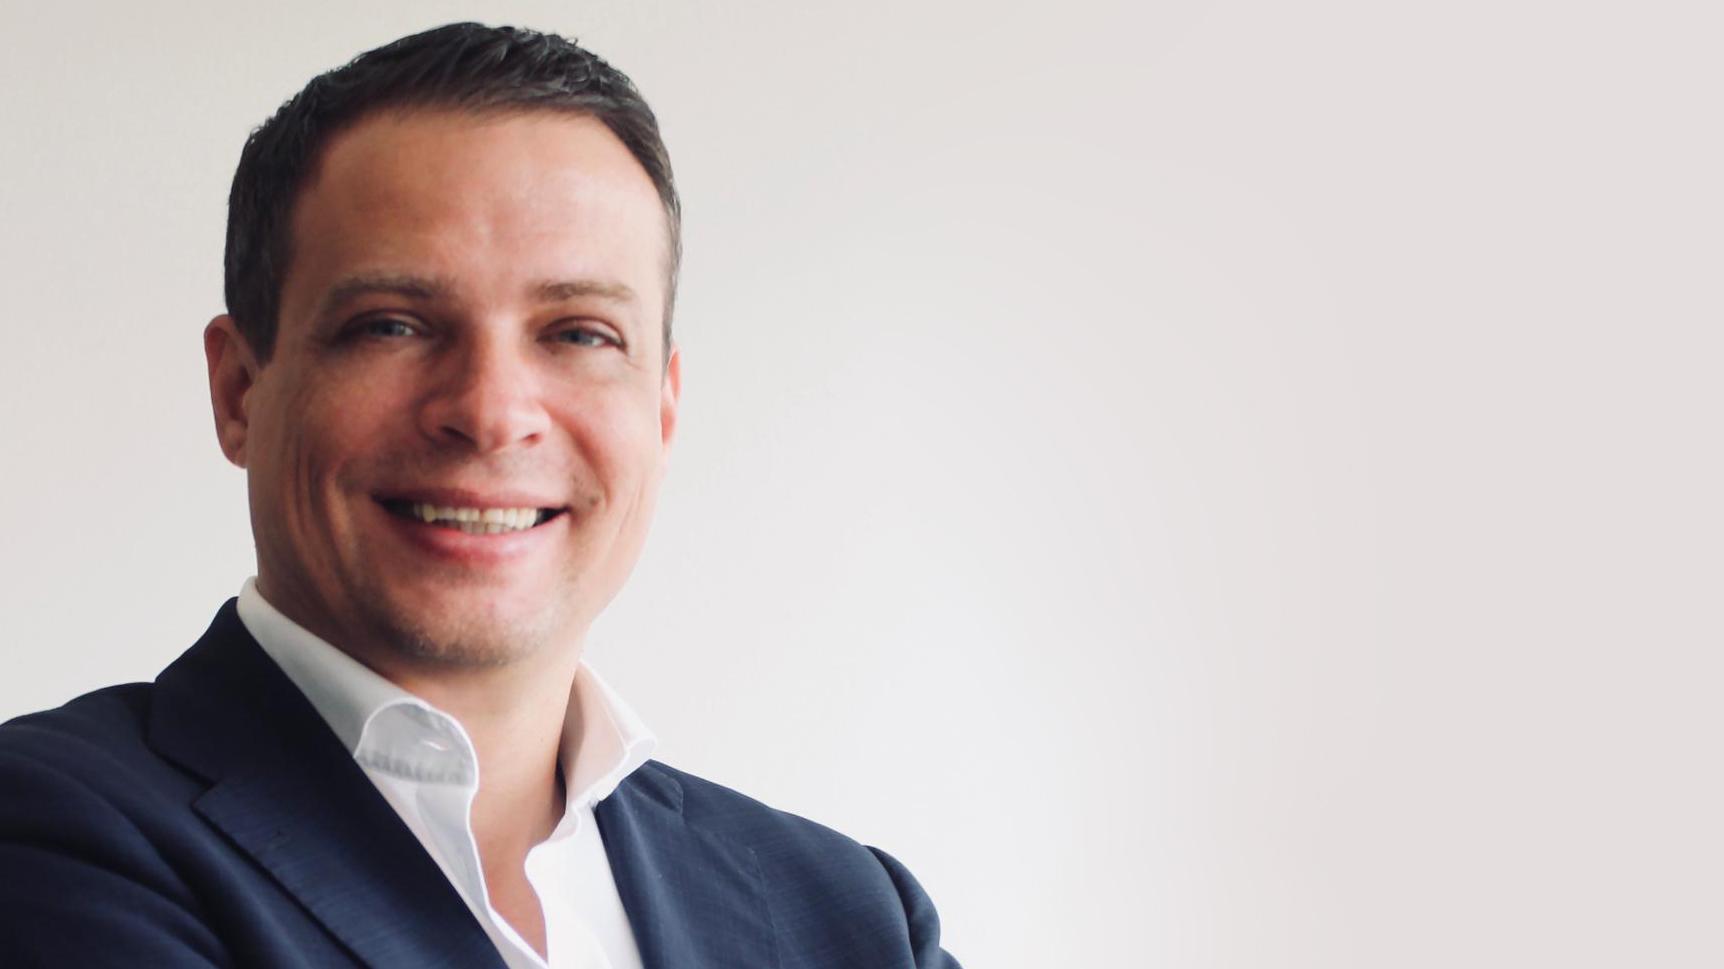 2020 - Markus Lattner